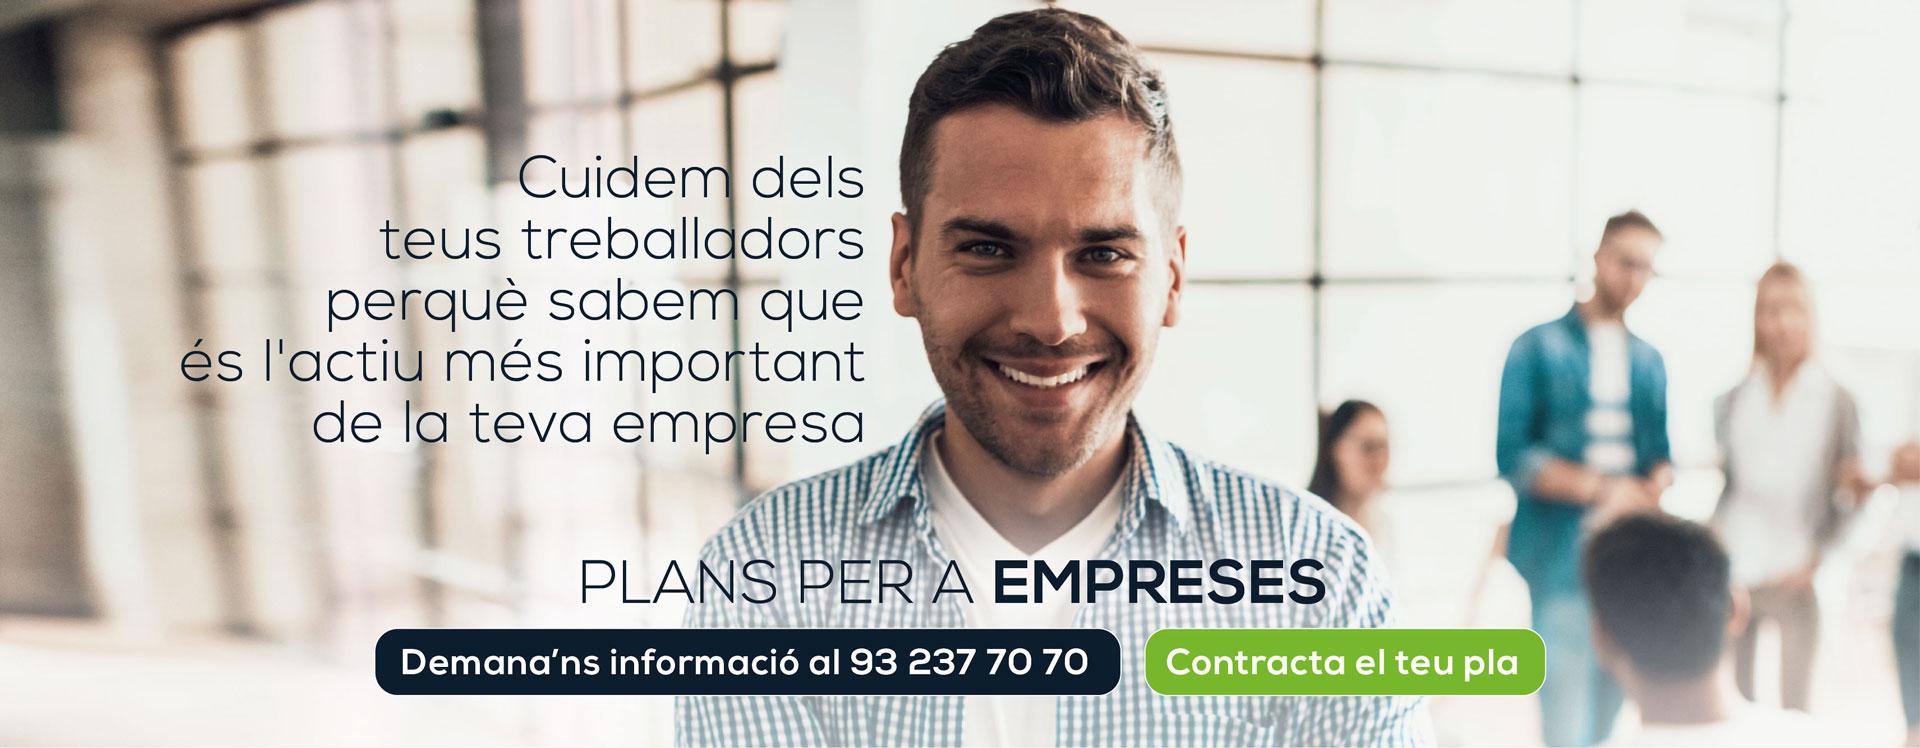 assegurances-per-a-empreses